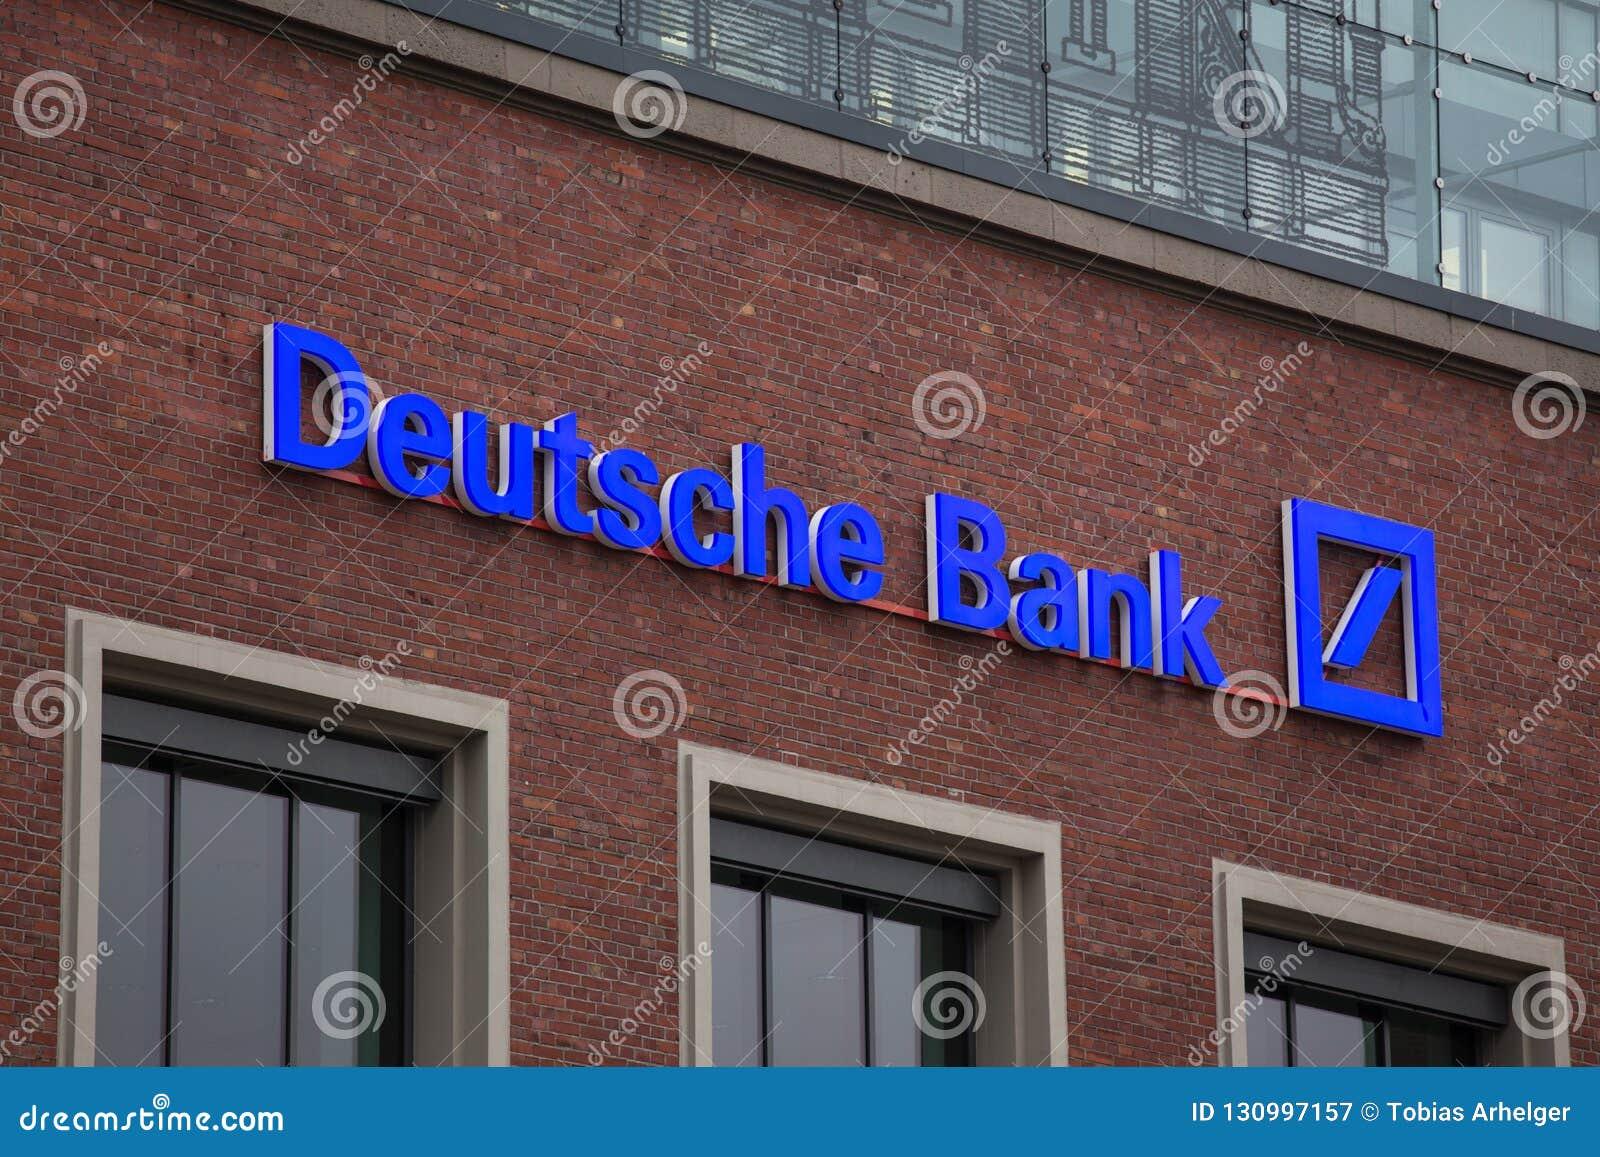 Essen norr Rhen-Westphalia/Tyskland - 18 10 18: deutschebanken undertecknar in essen Tyskland